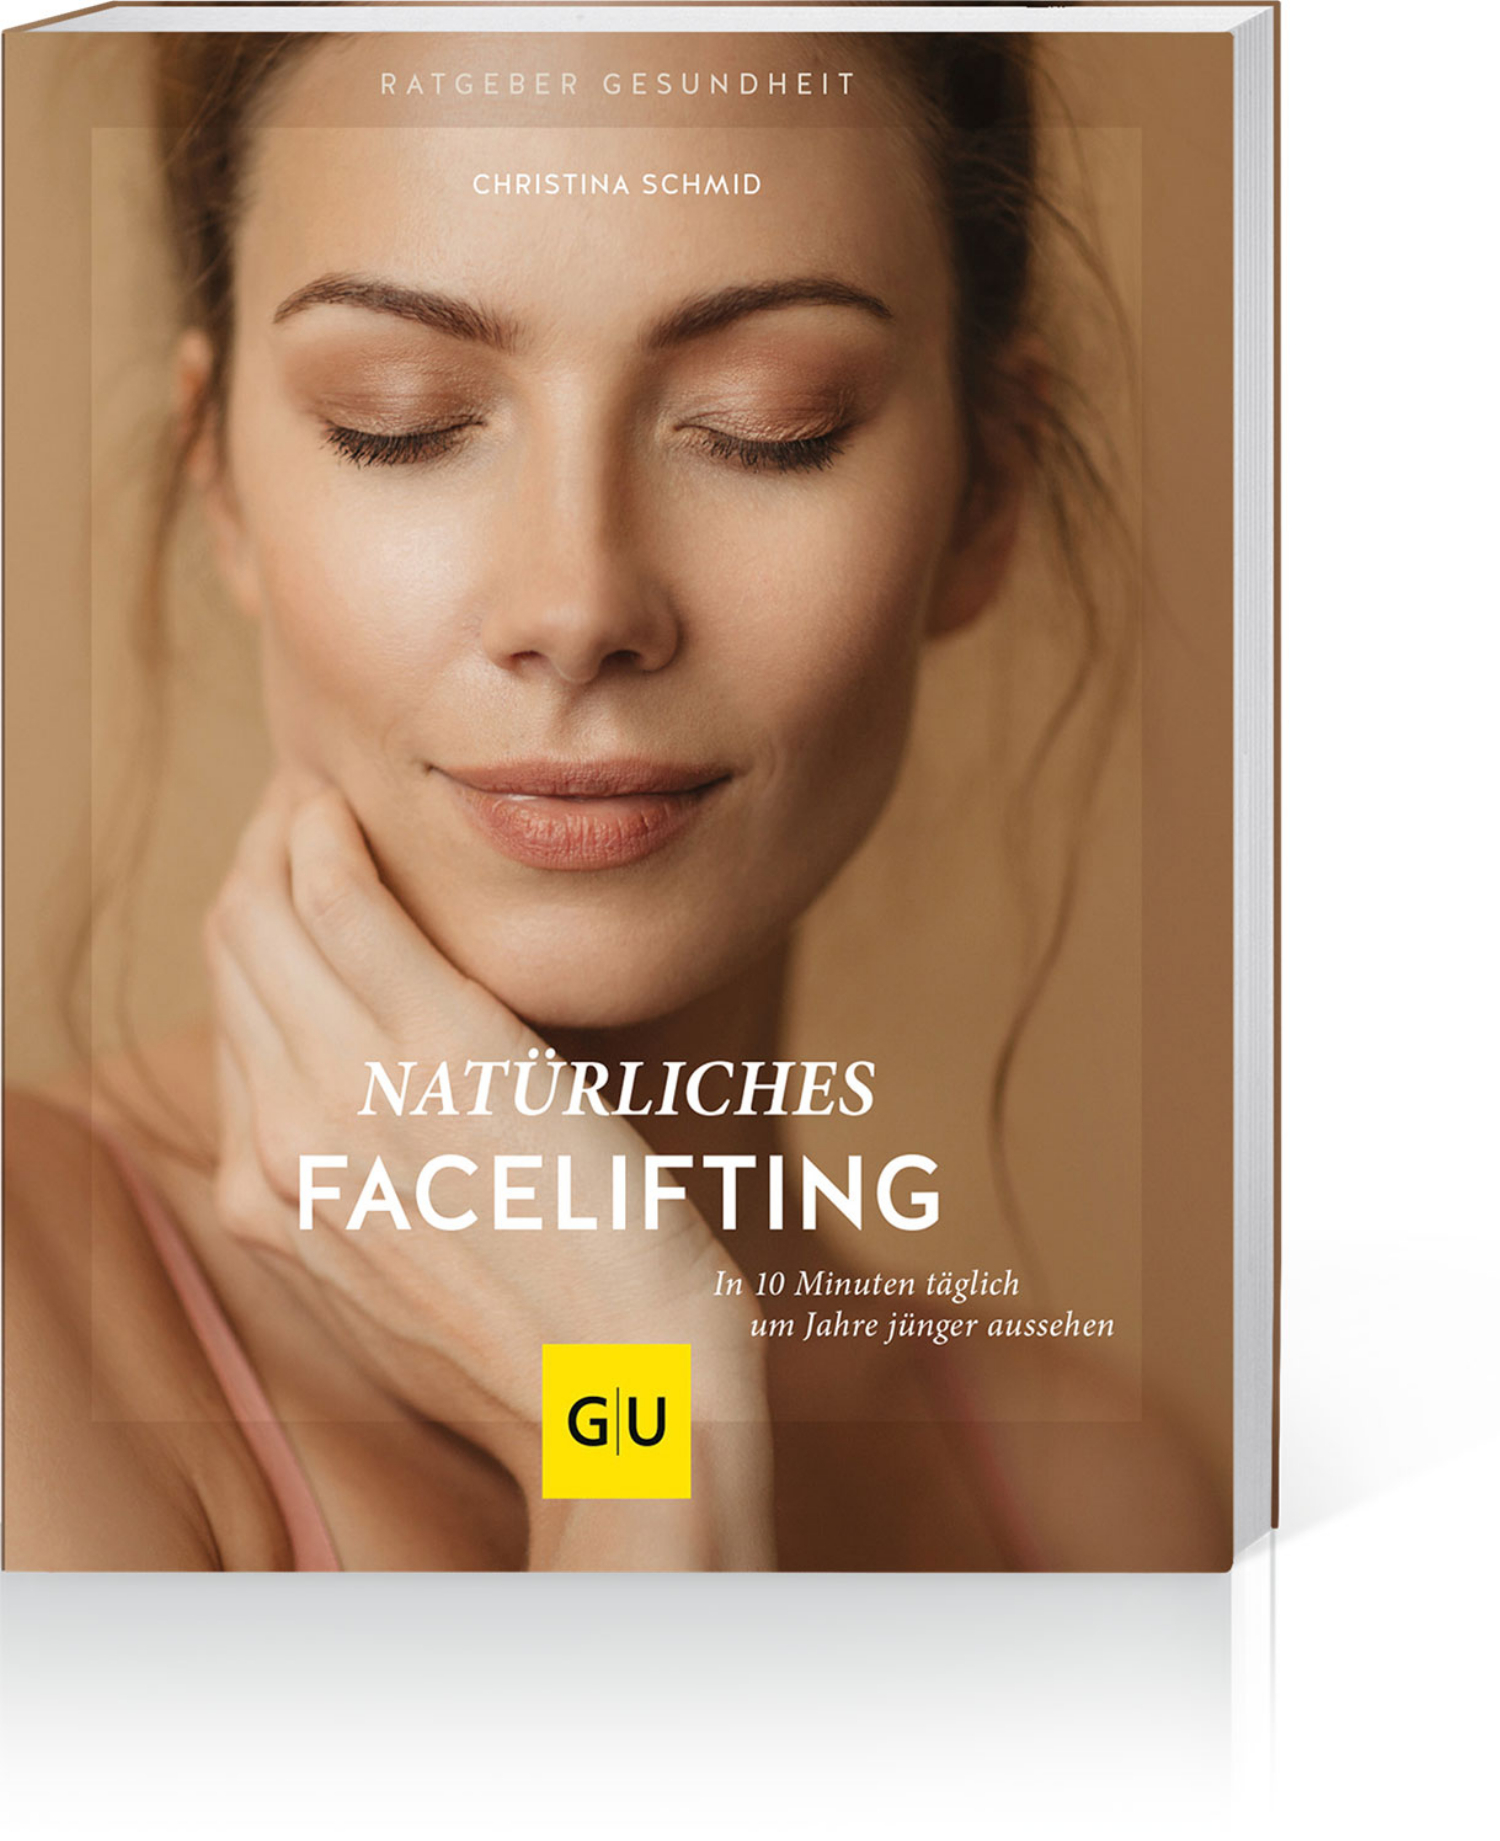 Natürliches Facelifting, Produktbild 1